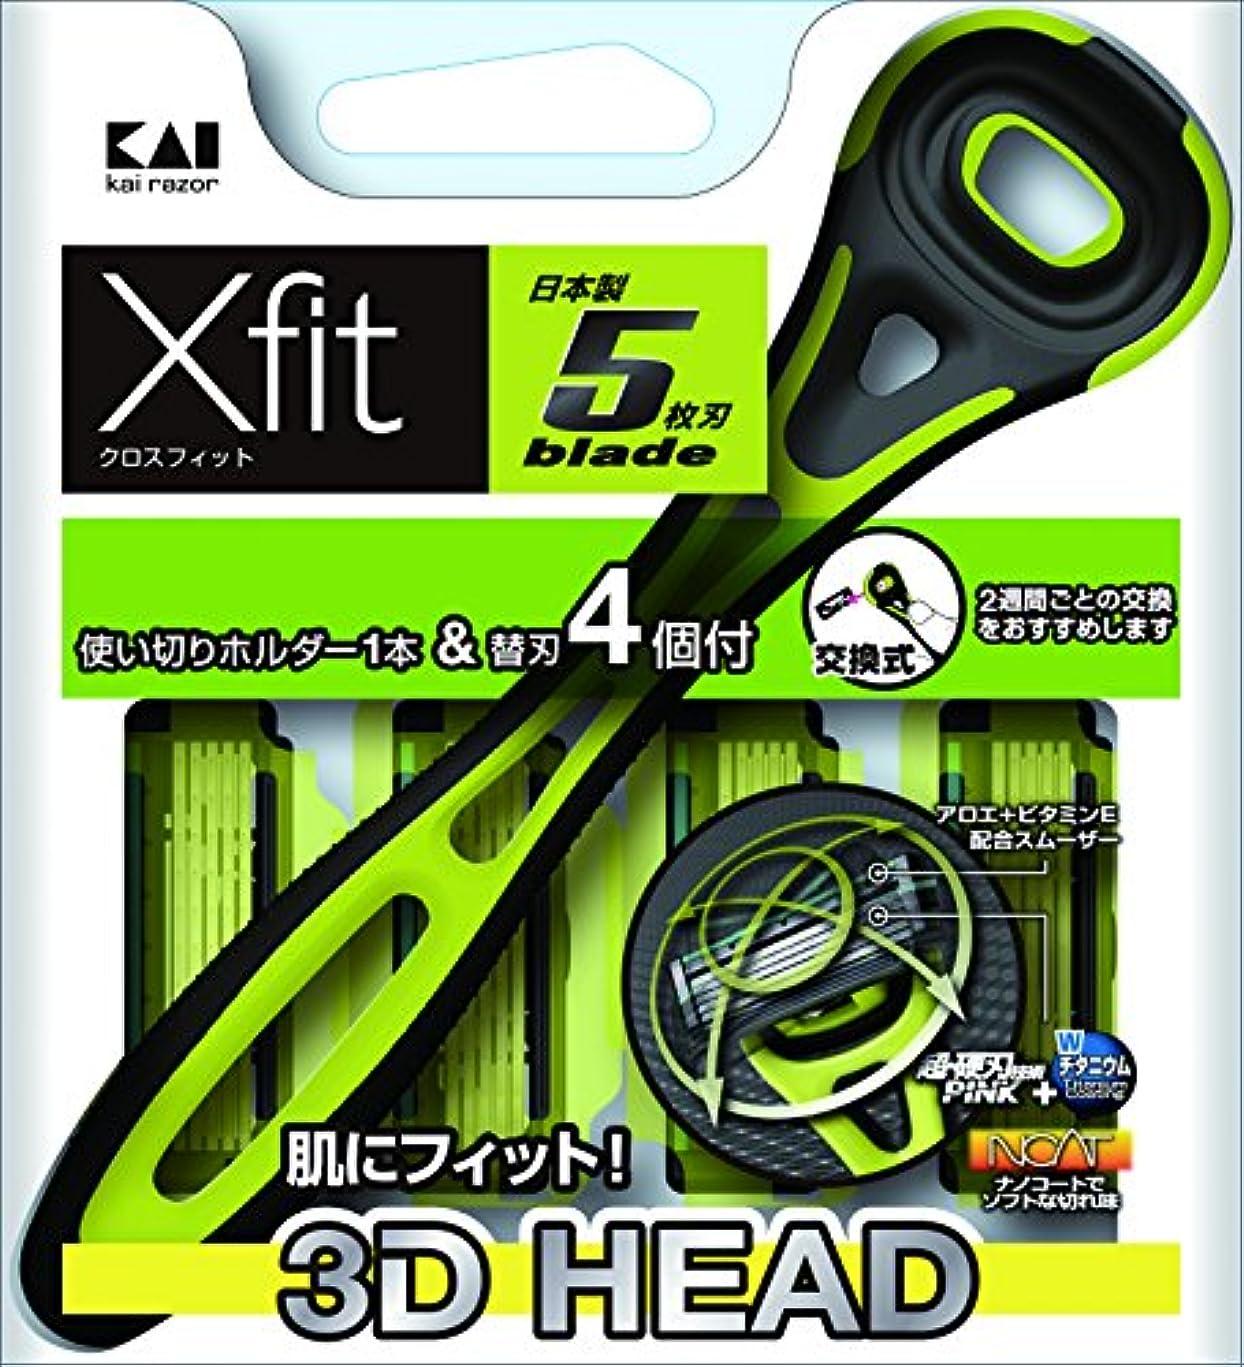 危険な乱用スティックXfit(クロスフィット)5枚刃 クリアパッケージ 使い切りホルダー+替刃4個